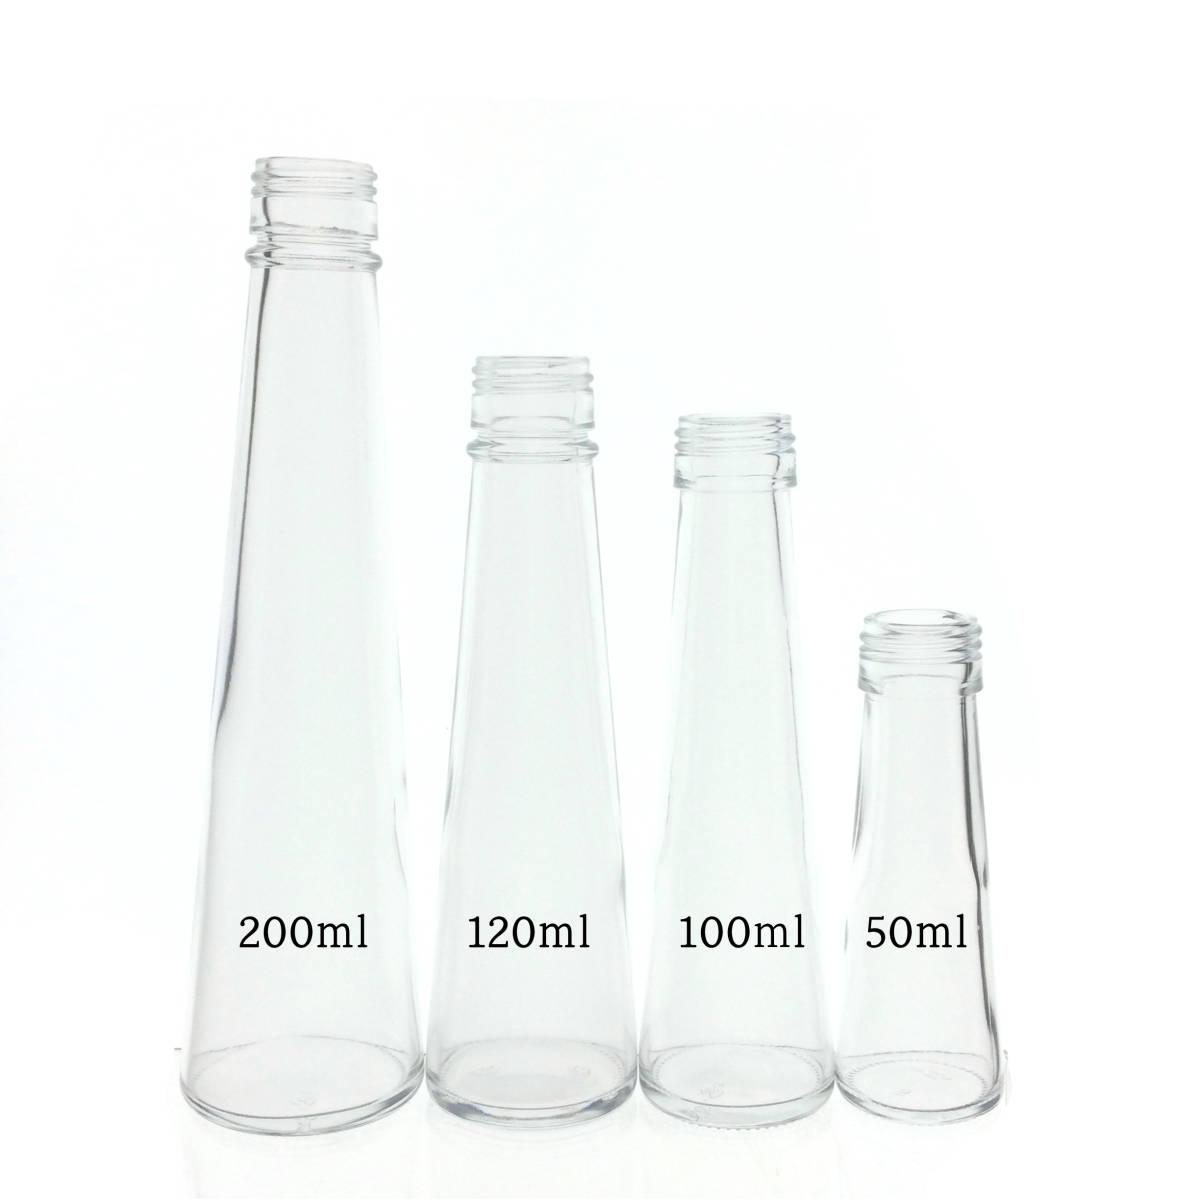 ハーバリウム瓶 テーパー120ml 5本 ♪♪_画像3